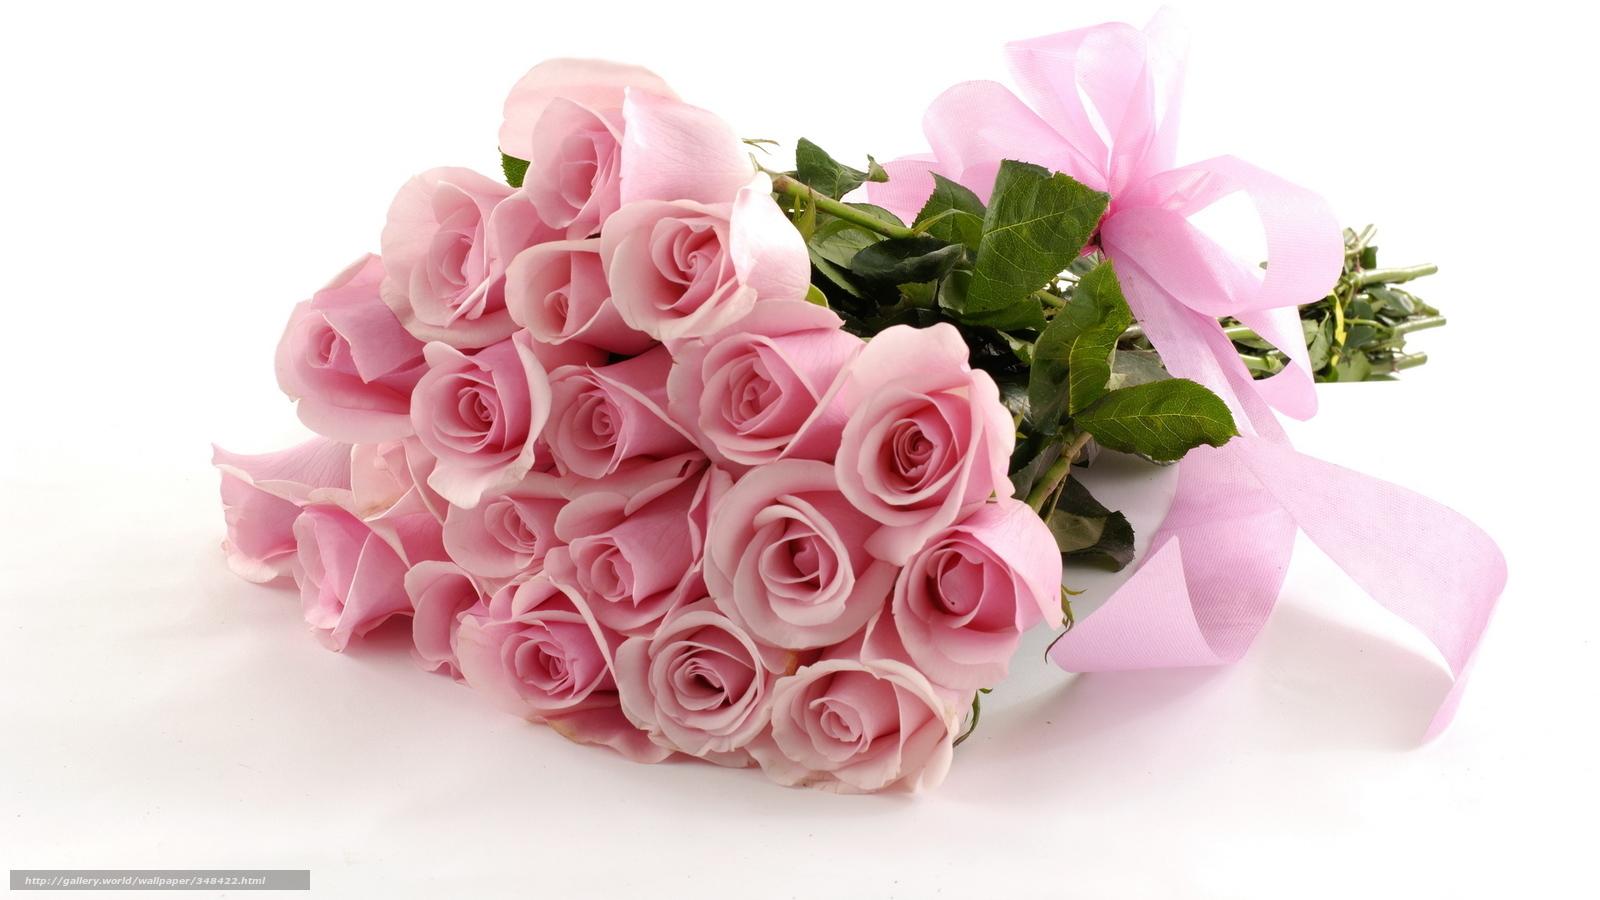 Картинки красивых цветов для поздравления